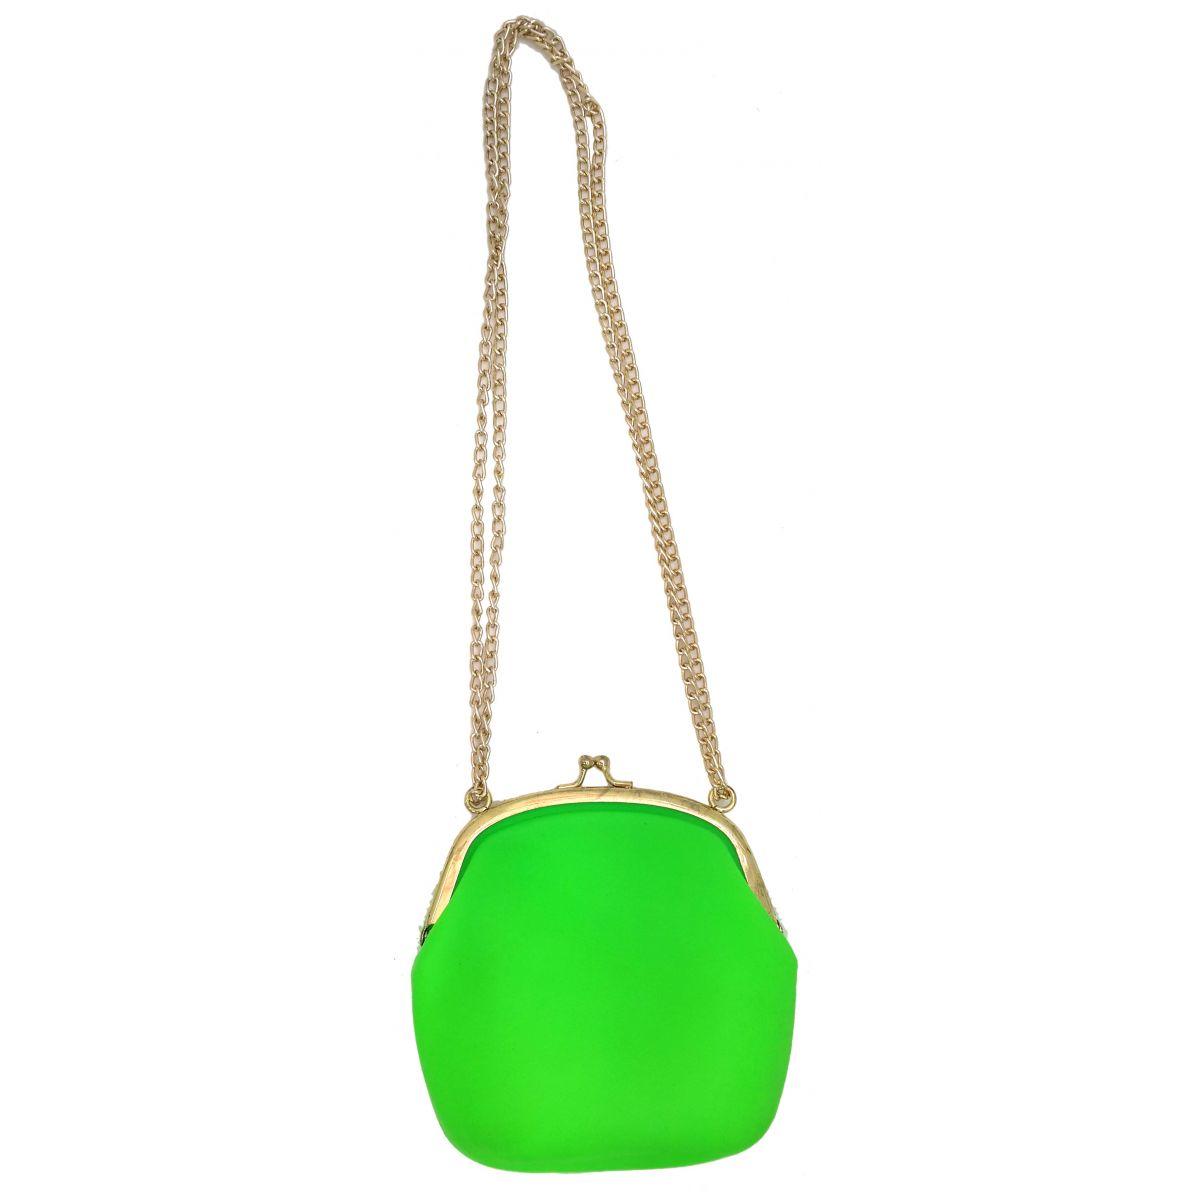 Bolsa Dourada Com Corrente : Bolsa silicone tiracolo vintage verde com corrente dourada